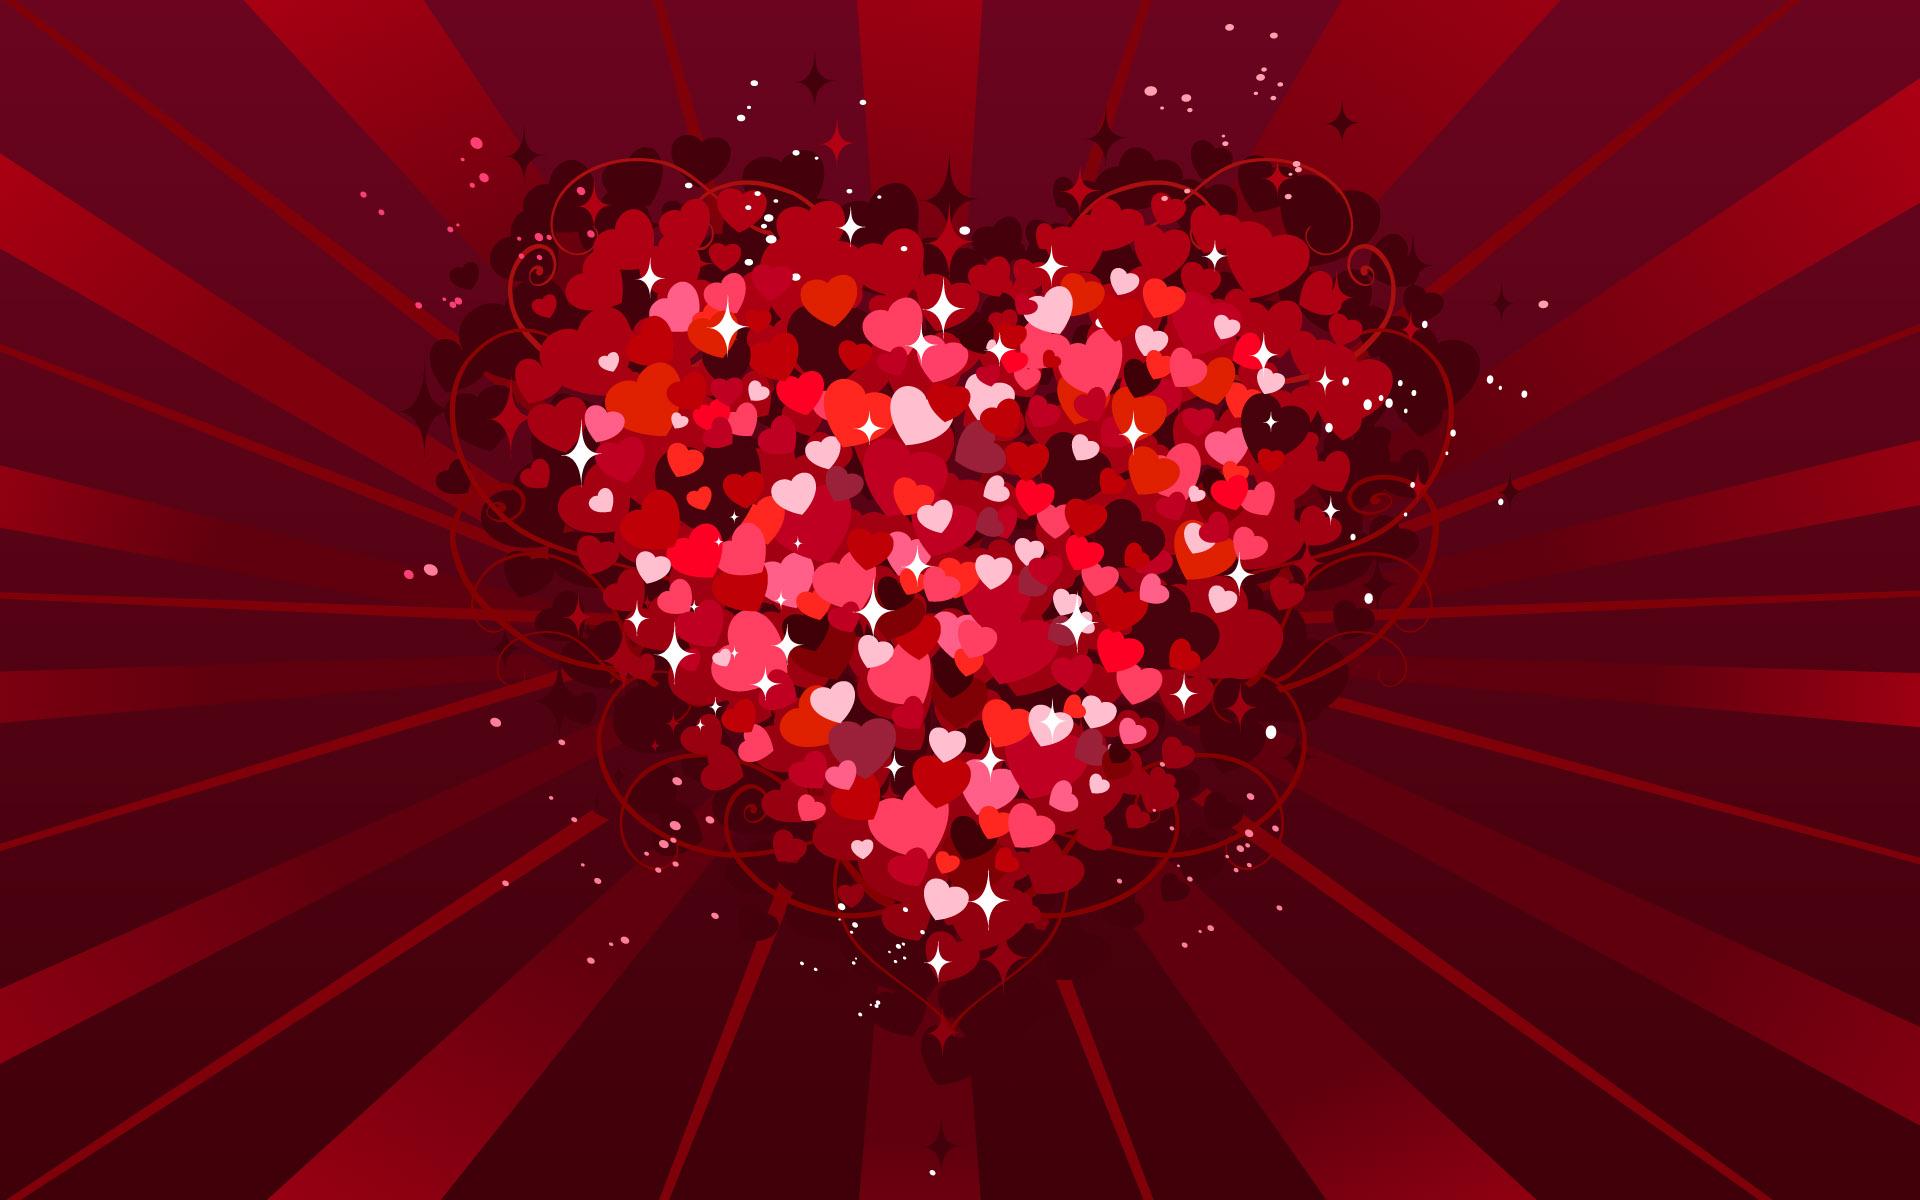 صور قلوب وحب ورومانسية وصورة قلب HD  (24)